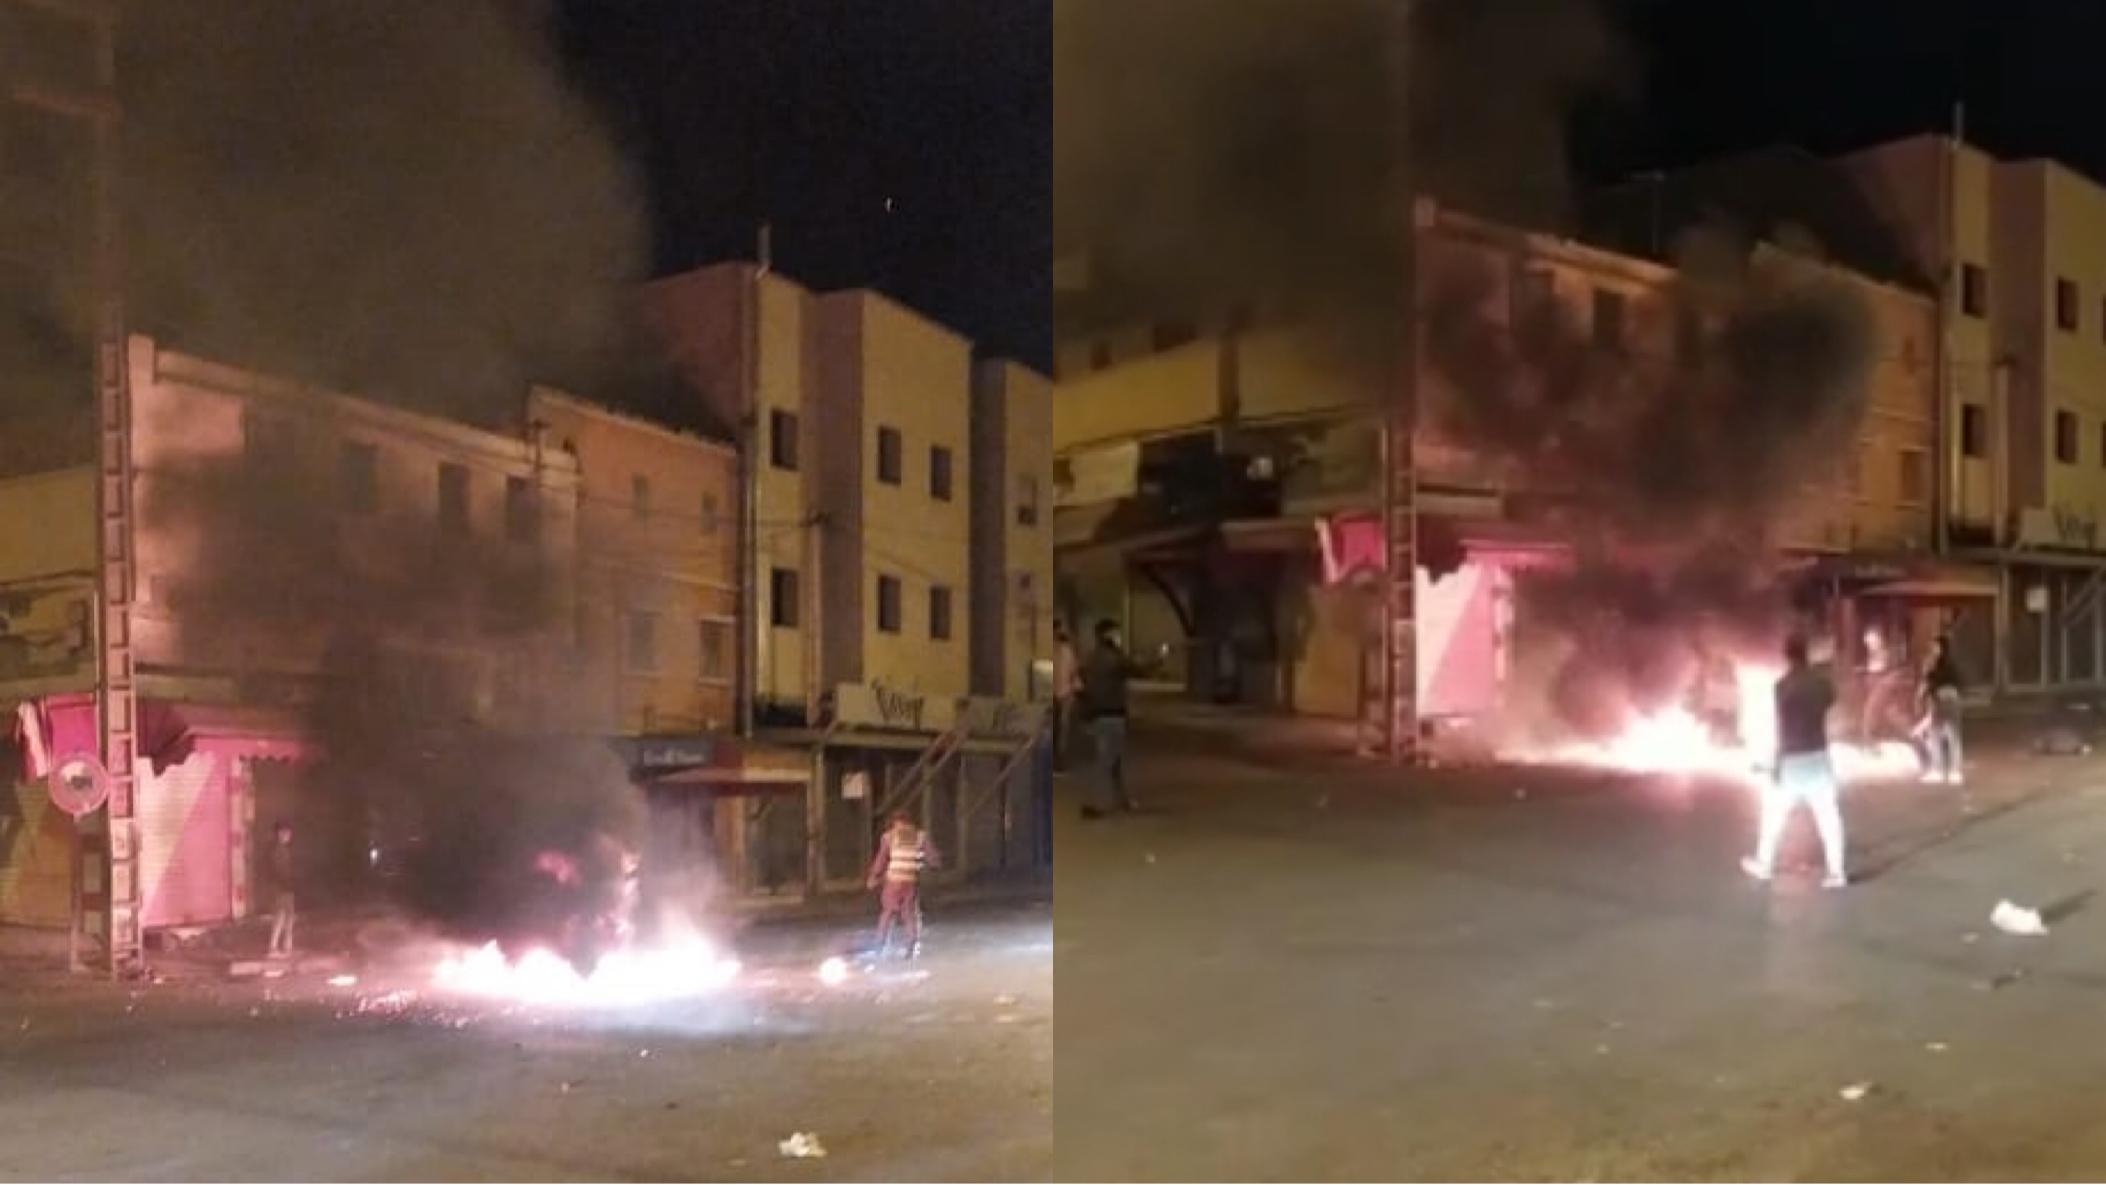 صورة ليلة بيضاء بإنزكان .. اعتقال عشرات القاصرين لخرقهم الطوارئ ومهاجمة الأمن بالحجارة